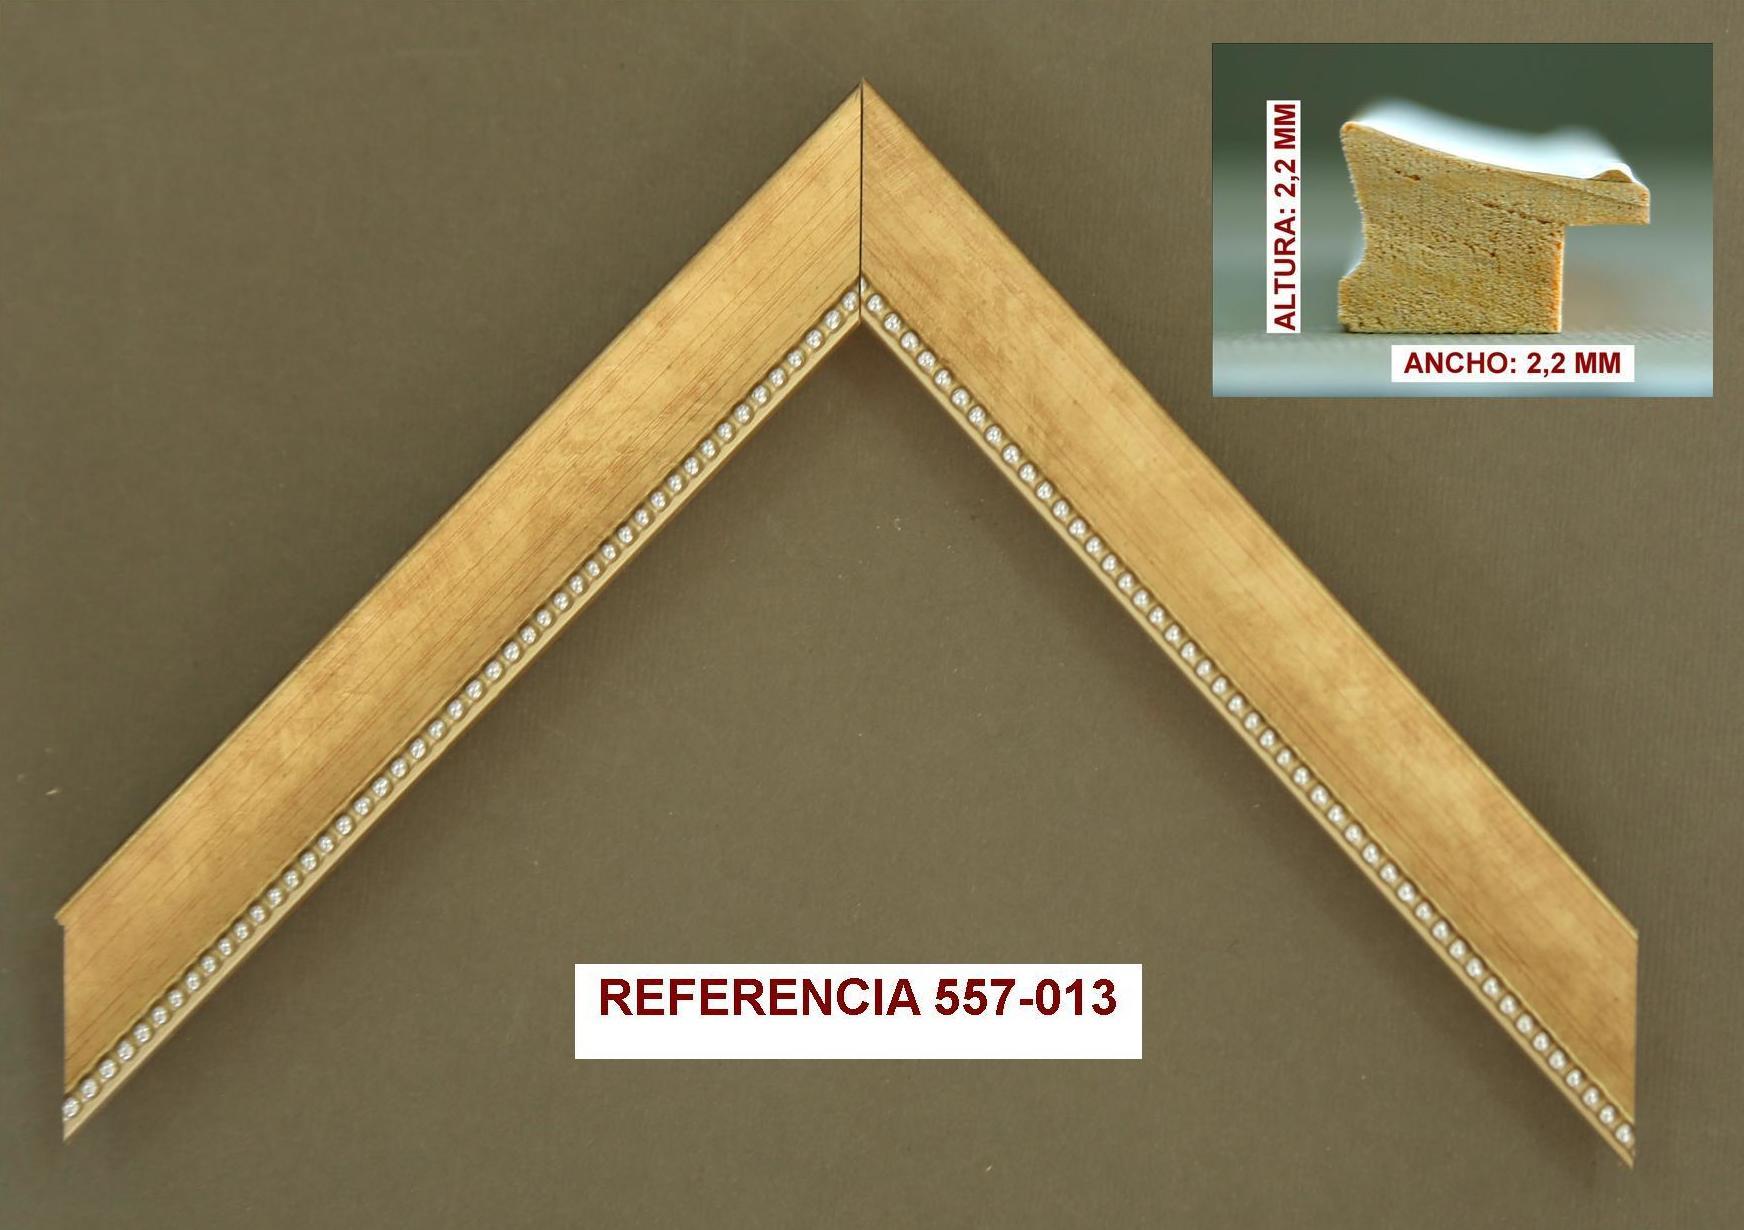 REF 557-013: Muestrario de Moldusevilla